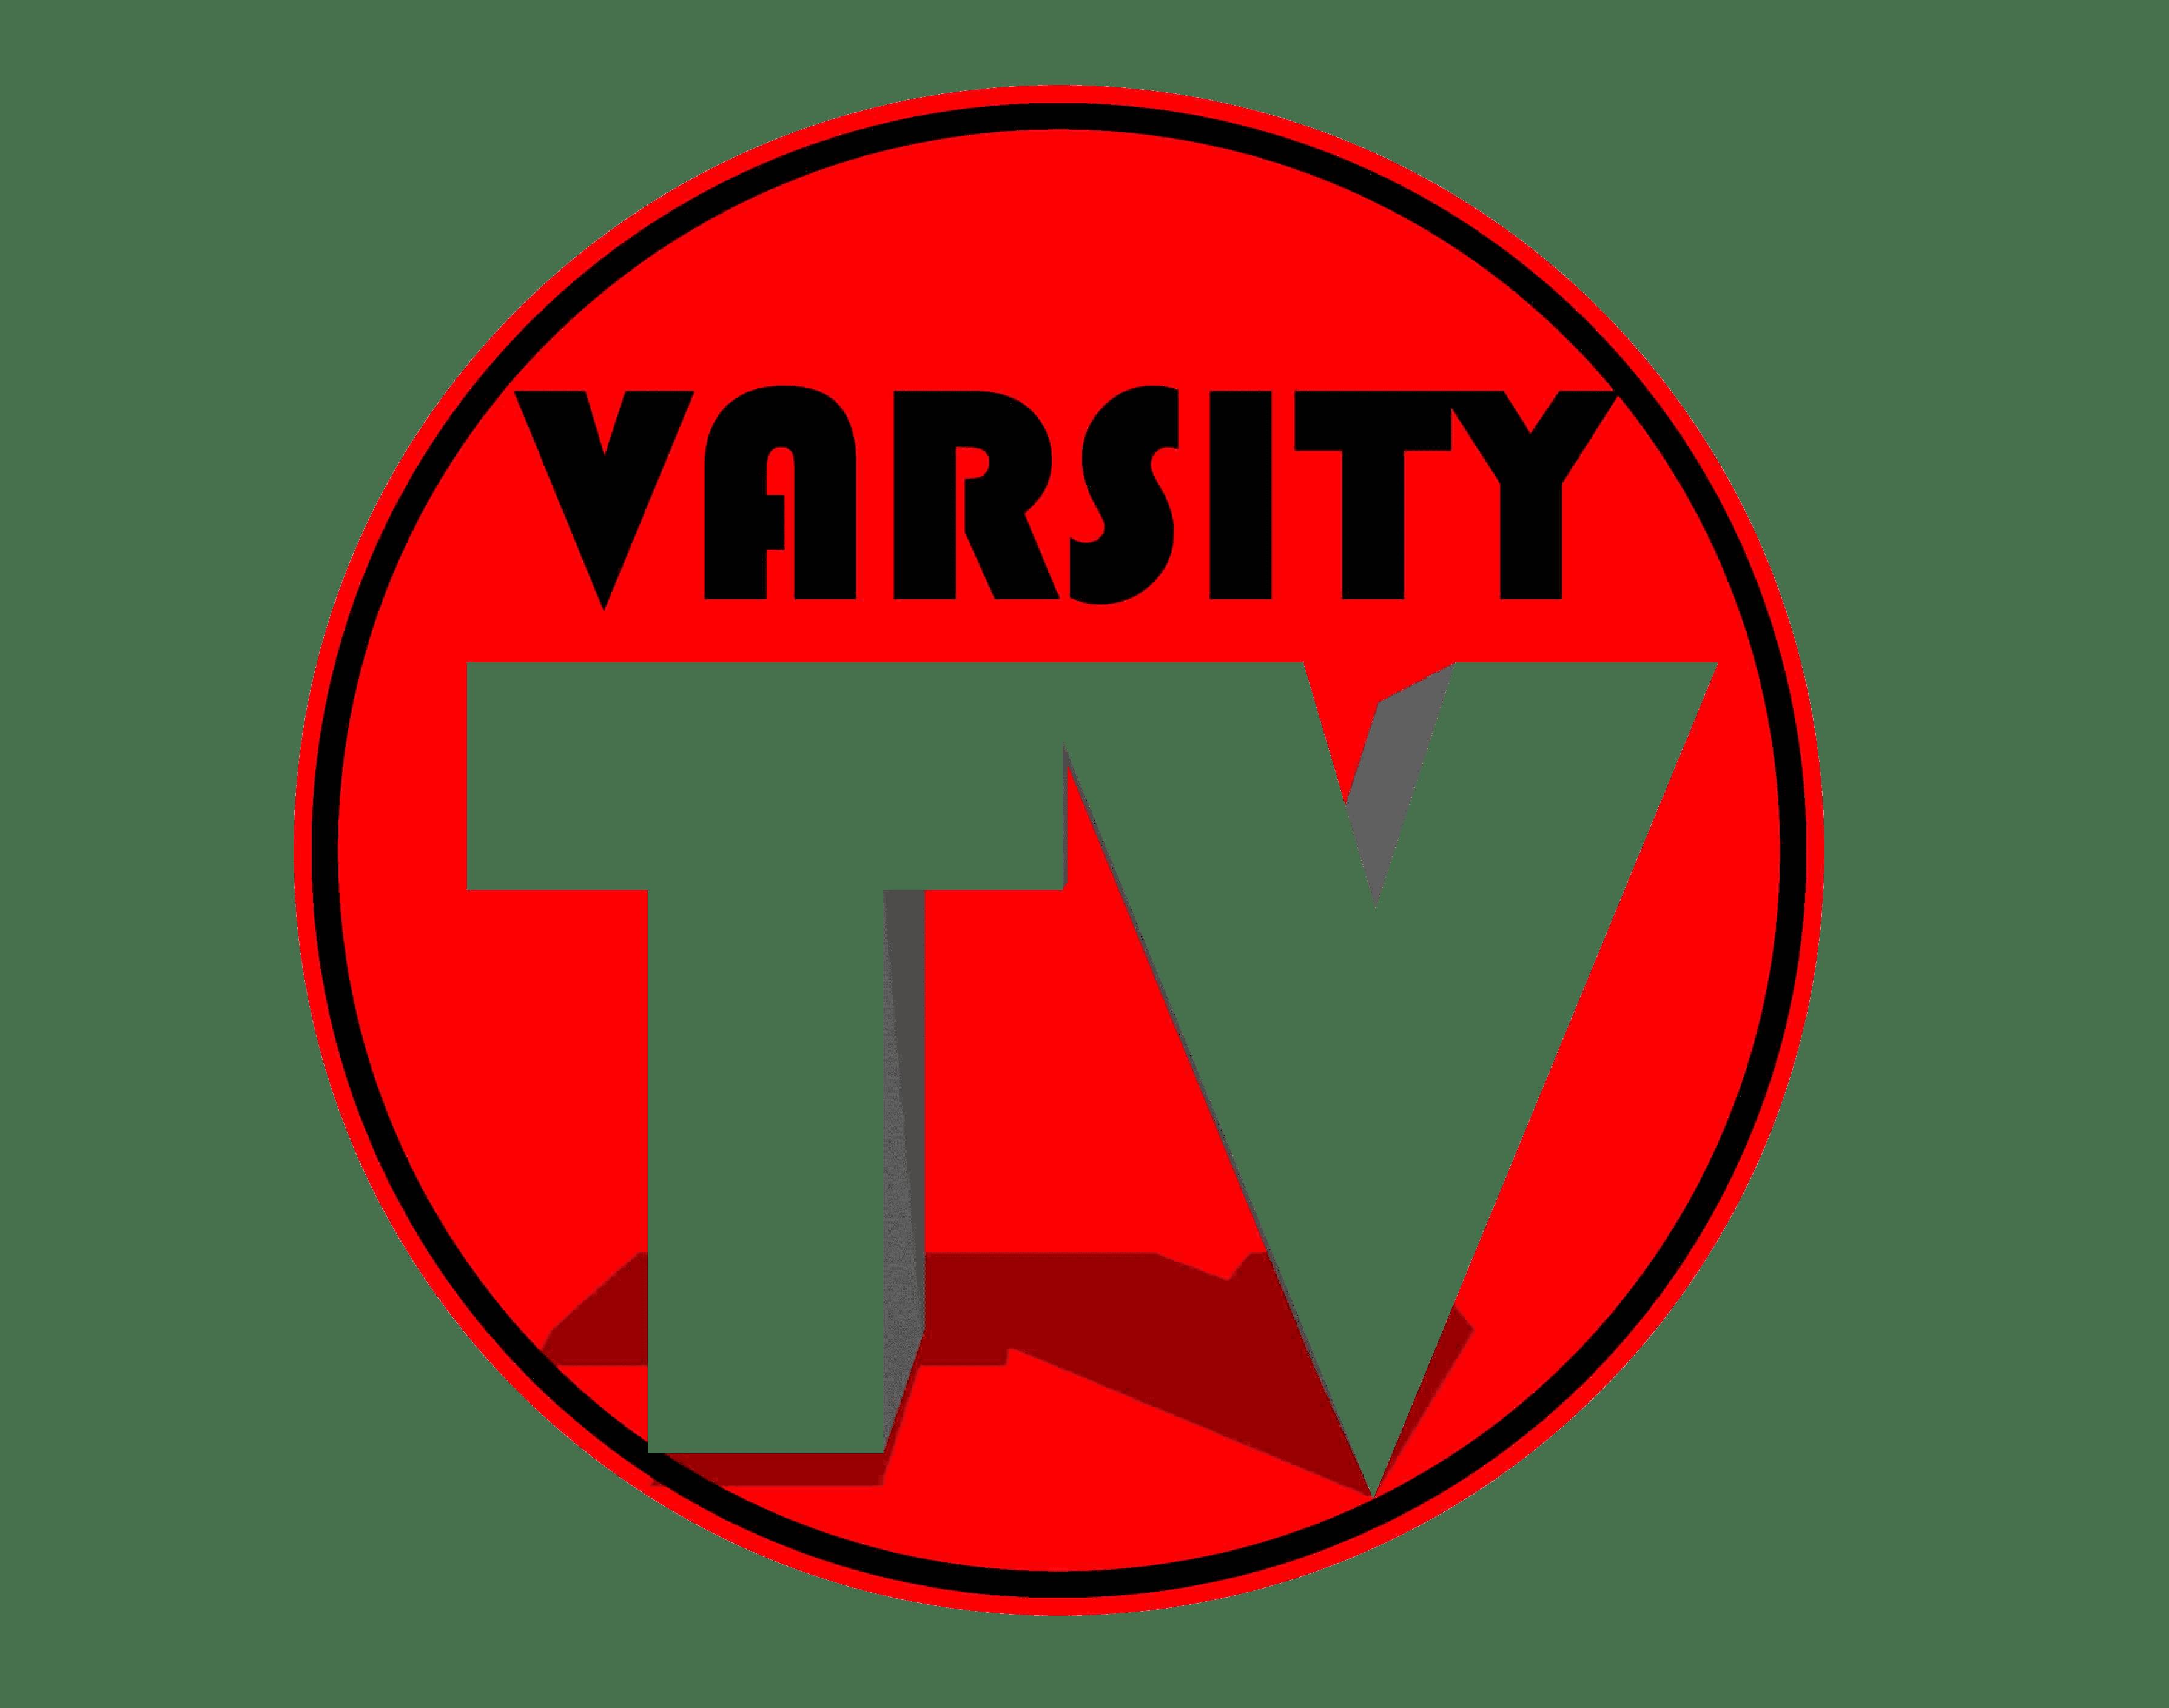 Varsity TV